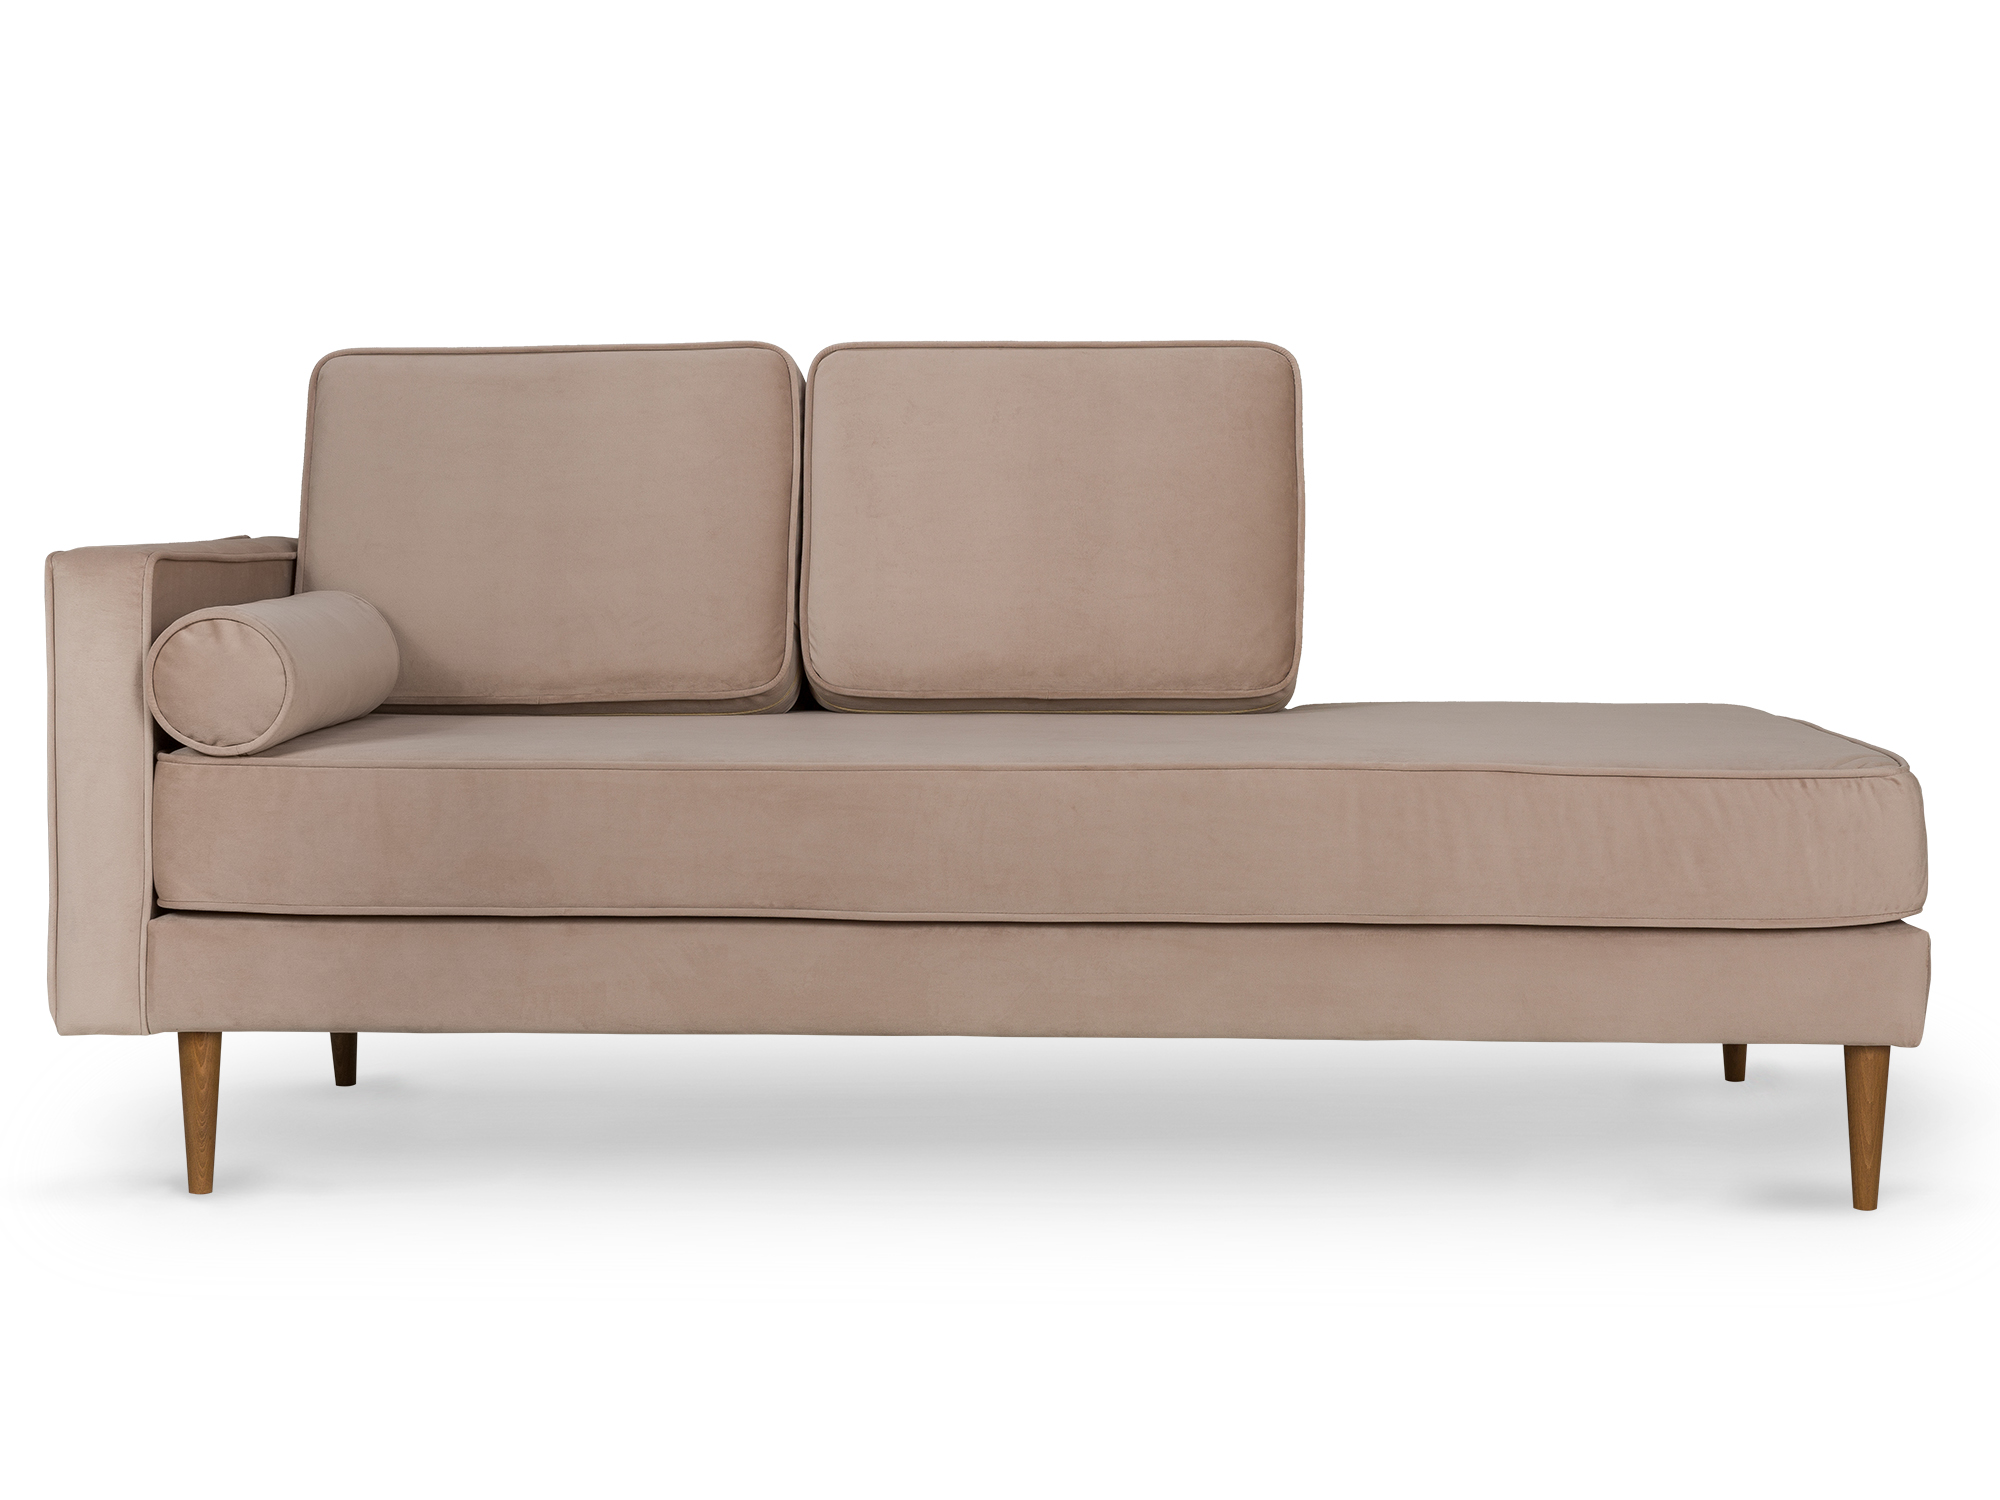 Диван BluesДвухместные диваны<br>&amp;quot;Blues&amp;quot; получился воздушным и элегантно уточненным. Именно таким, каким мы его себе и представляли. Выполненный в скандинавском стиле, этот интерьерообразующий диван обладает низким профилем и занимает мало места. Сделать спинку асимметричной - это был удачный ход который позволил дать дивану &amp;quot;открытость&amp;quot;. Мы рекомендуем ставить &amp;quot;Blues&amp;quot; не вплотную к стене, а ближе к центру вашей комнаты где ему будем самое место. Дополняет образ и упругая боковая подушка, на которую будет так удобно облокачиваться при листании свежего выпуска &amp;quot;Kinfolk&amp;quot;.&amp;lt;div&amp;gt;&amp;lt;br&amp;gt;&amp;lt;/div&amp;gt;<br><br>Material: Текстиль